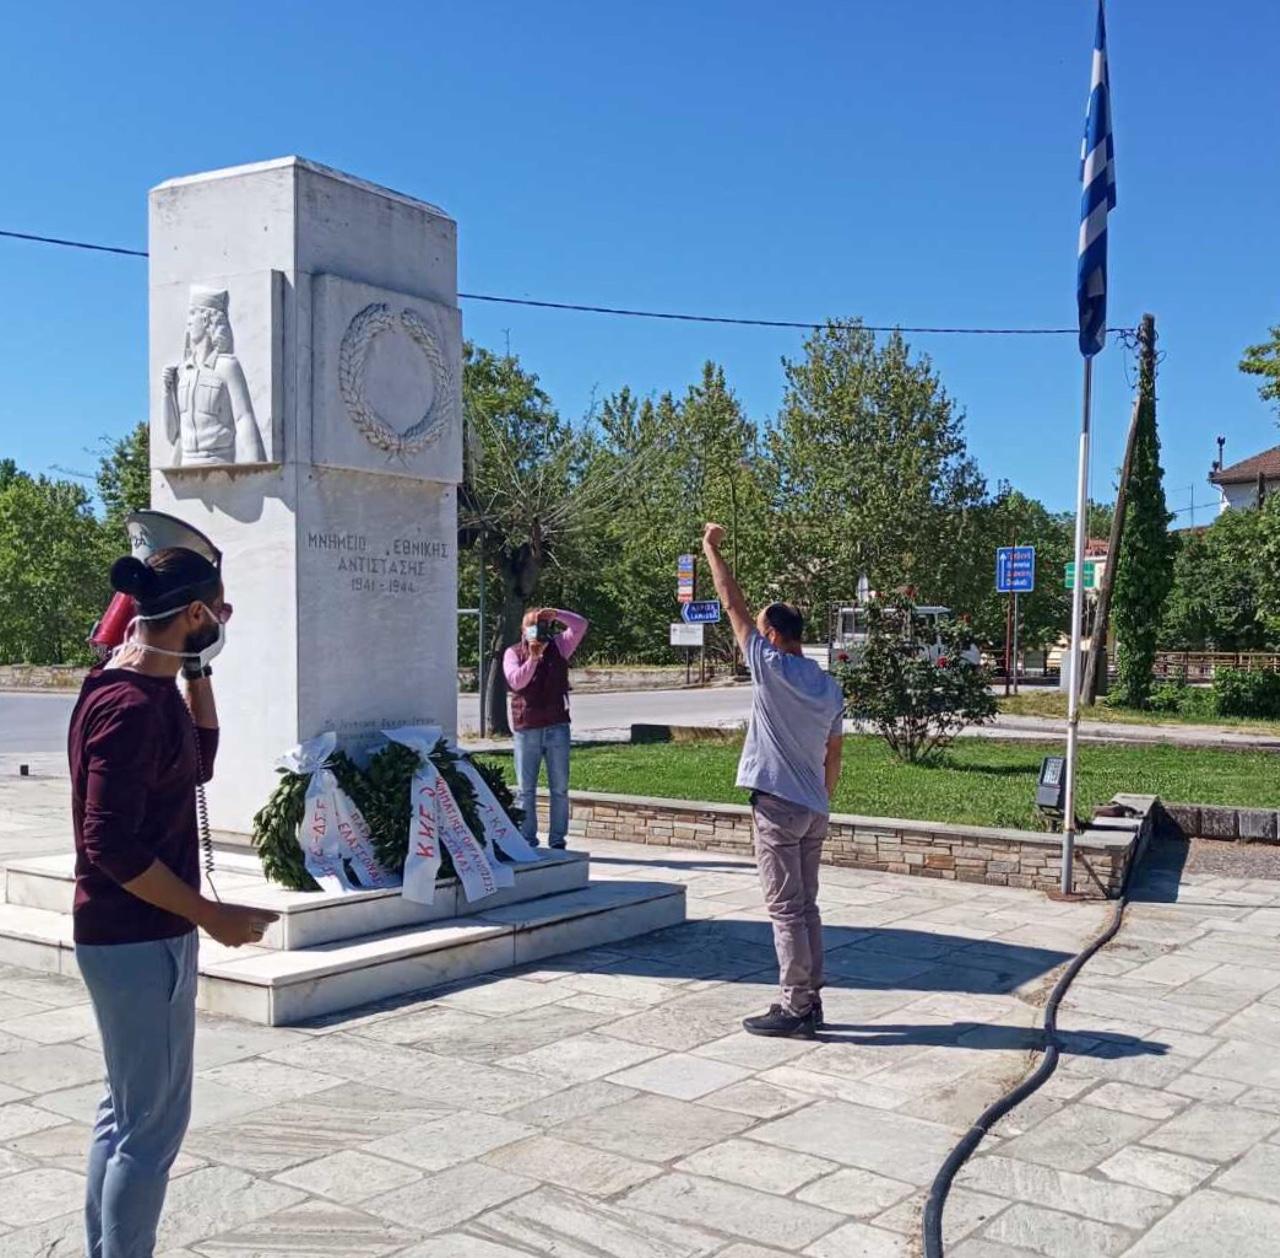 Συμβολική εκδήλωση με κατάθεση στεφάνων για την Πρωτομαγιά στην Ελασσόνα